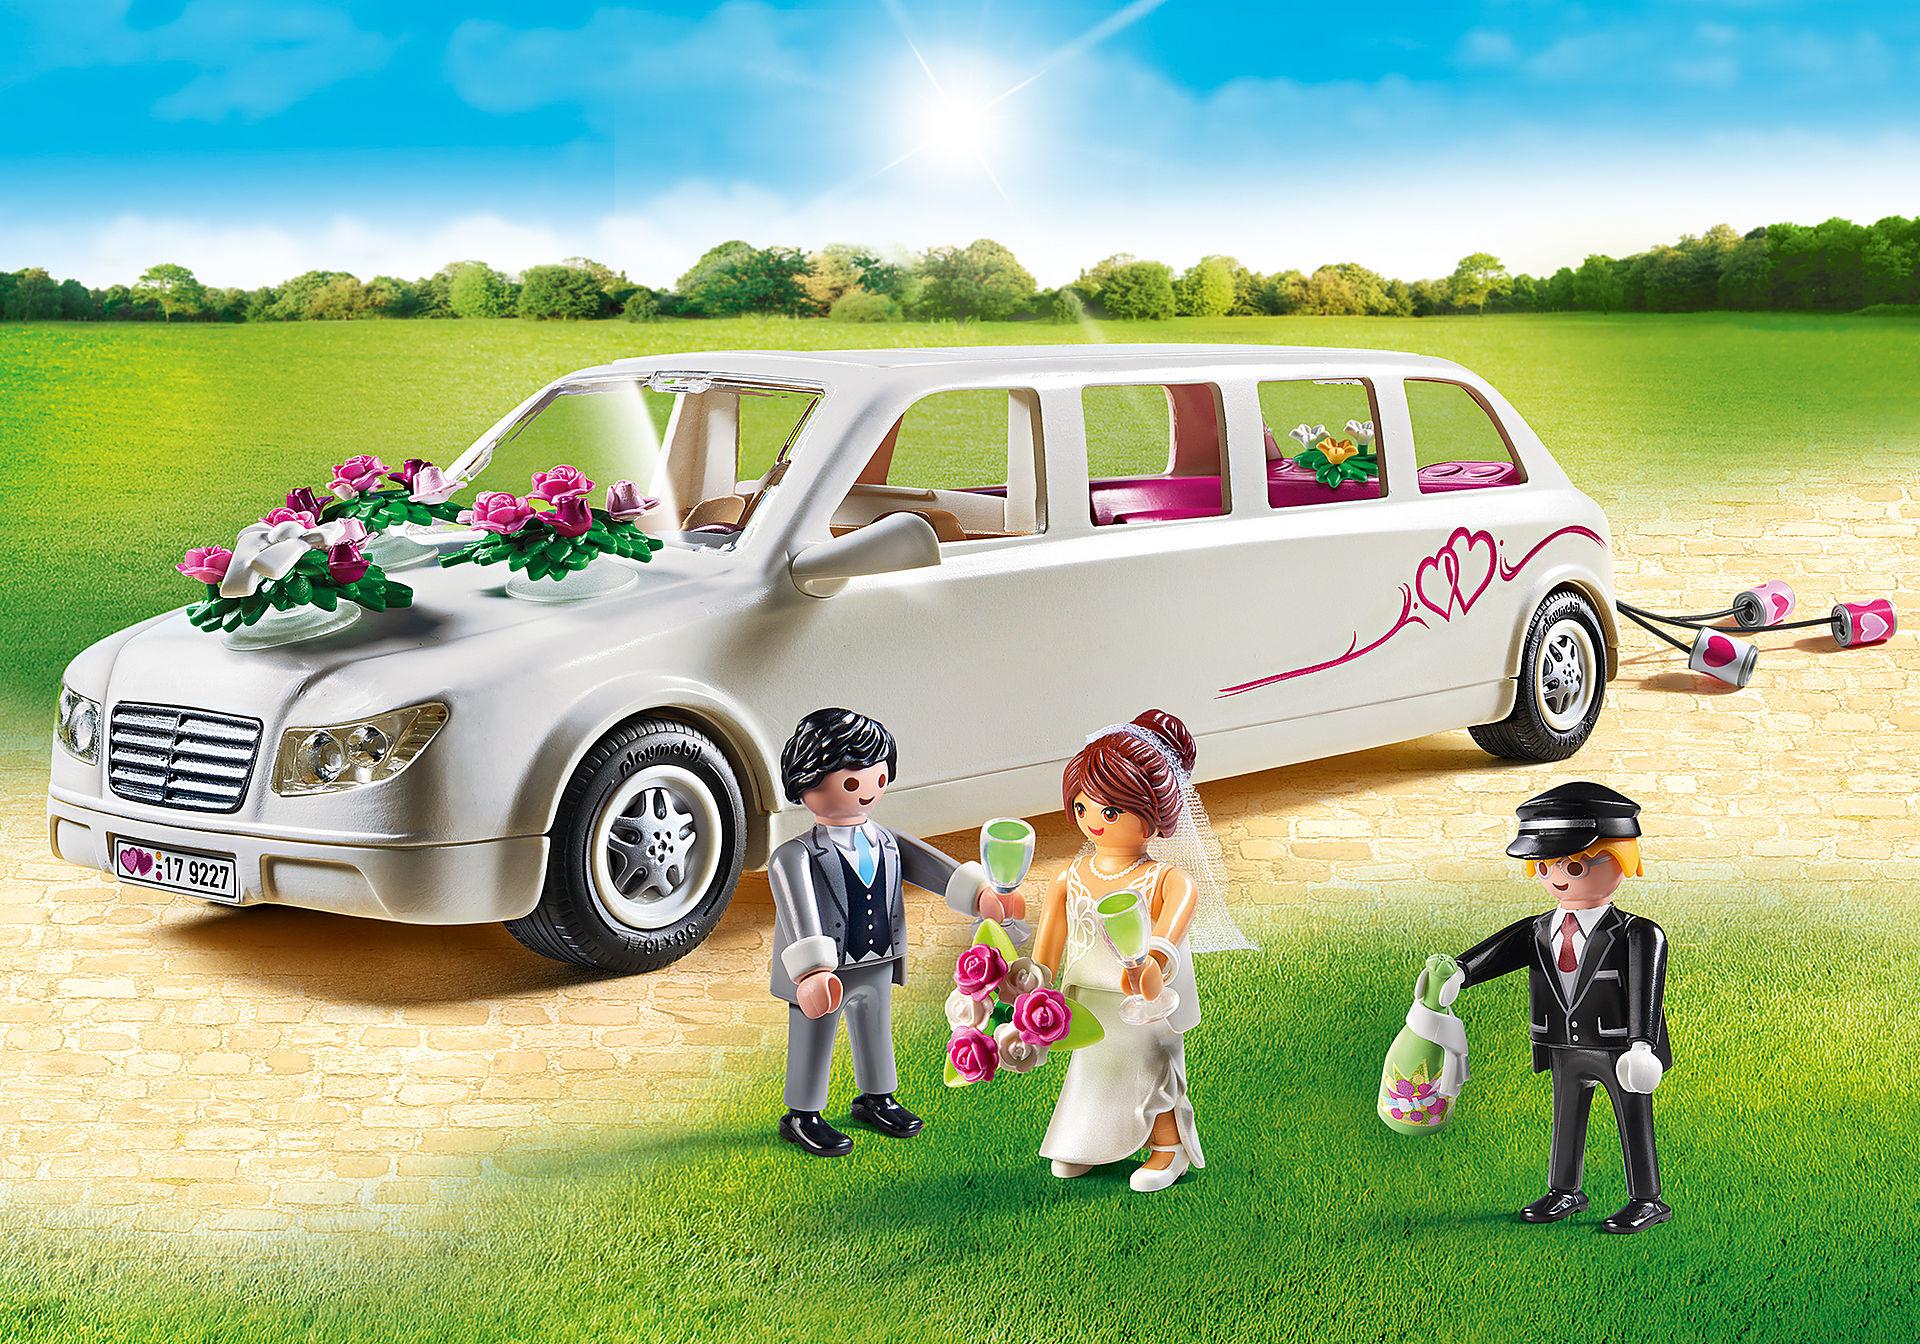 9227 Wedding Limo zoom image1